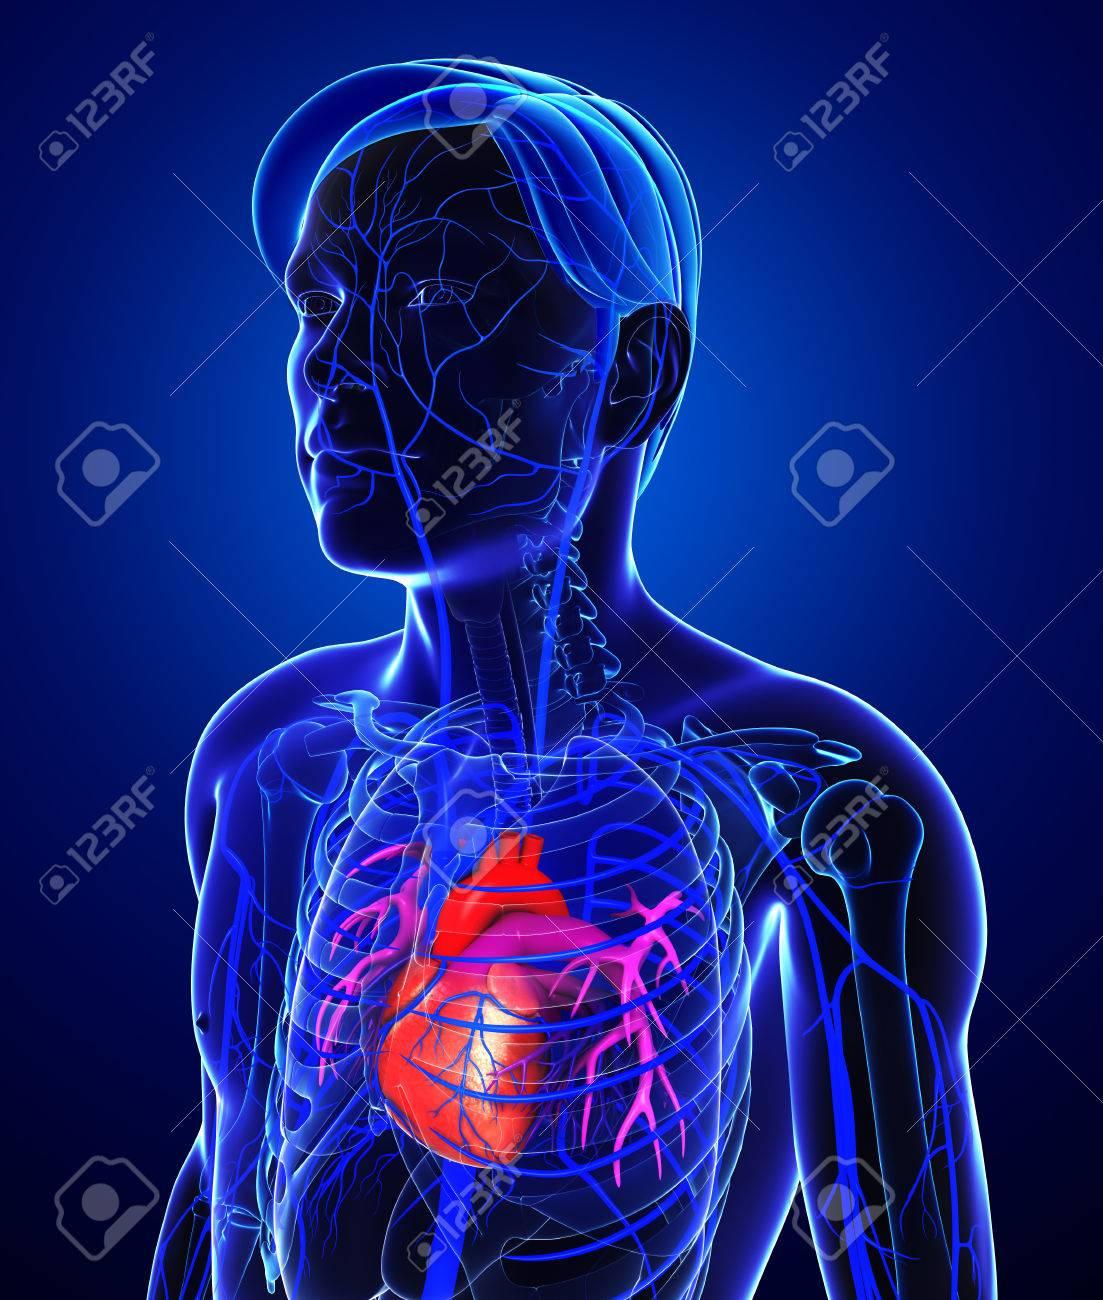 3d Rindió La Ilustración De La Anatomía Del Corazón Masculino Fotos ...